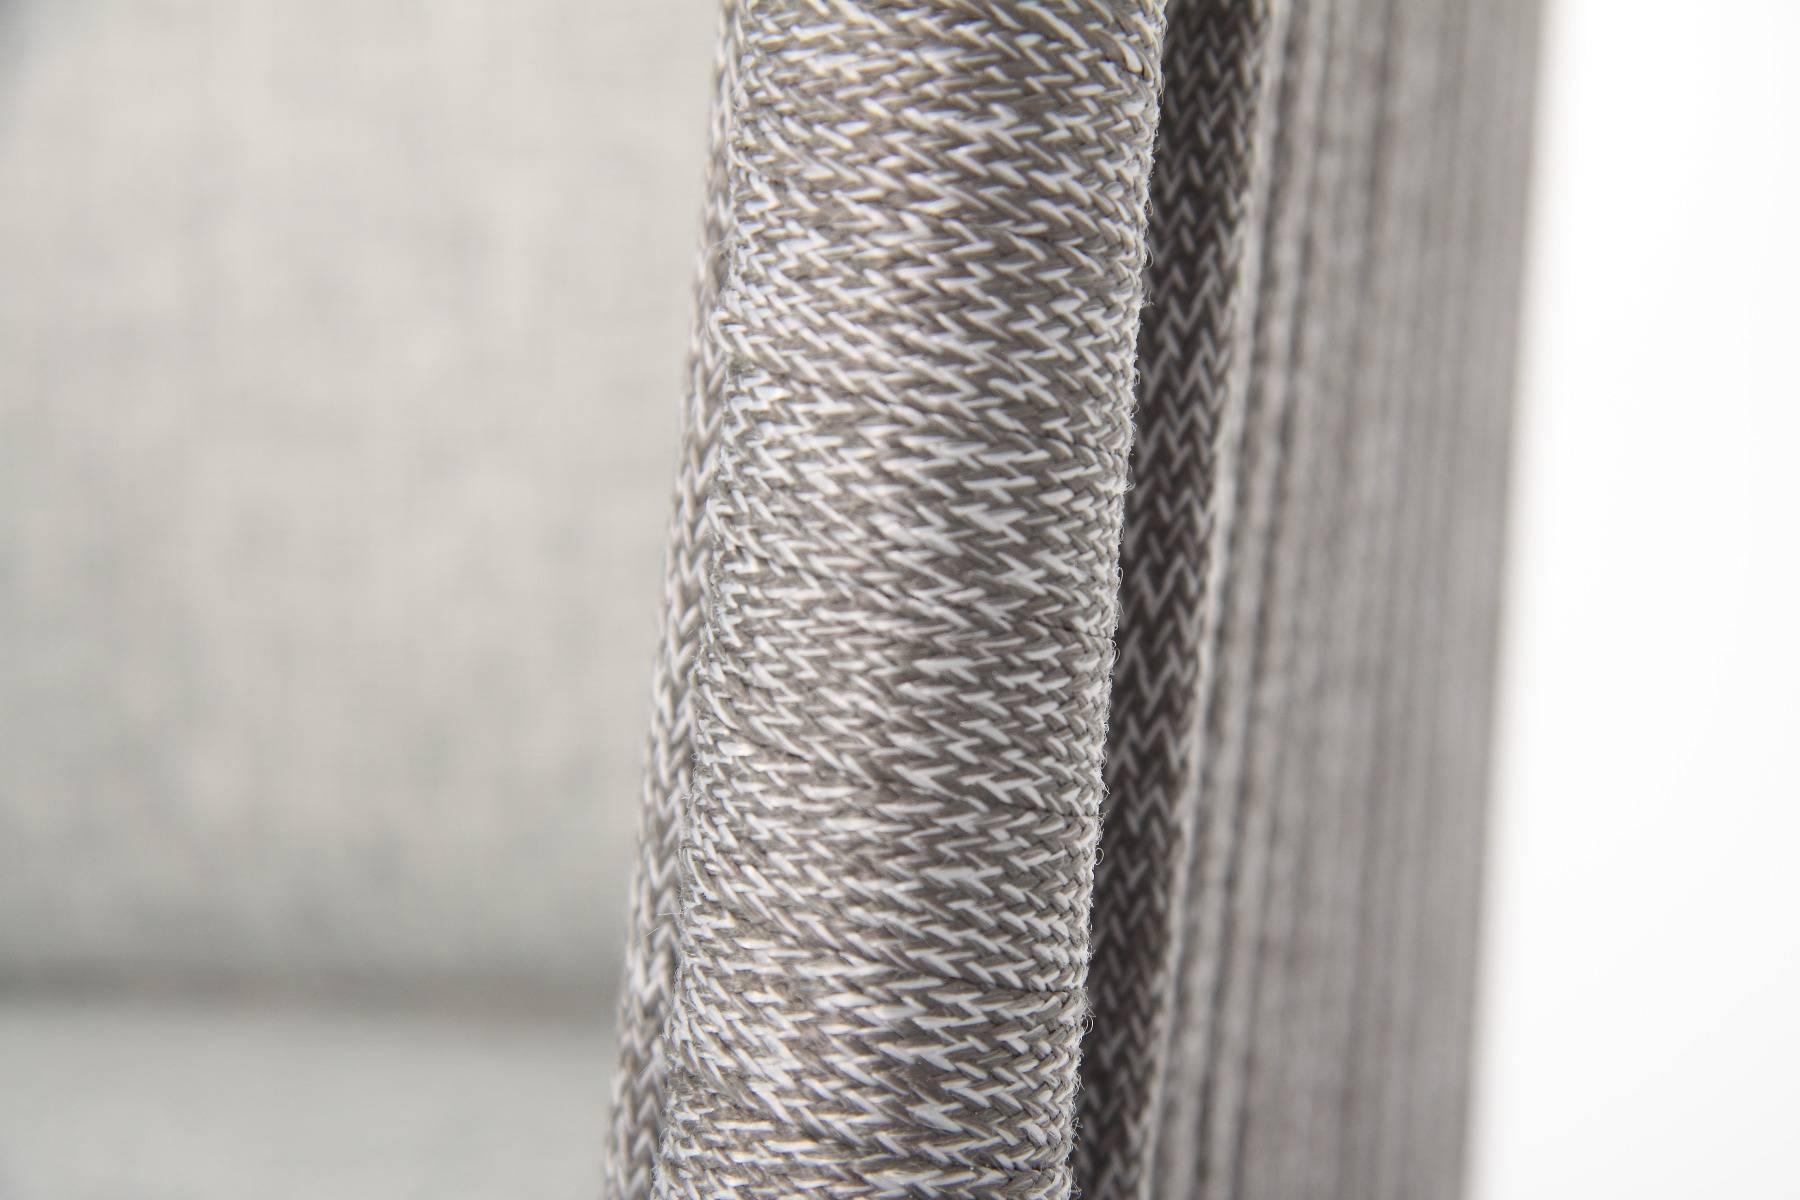 4-er Set Manhattan Stapelsessel von acamp Seiloptik mit Polyesterschnüren anthrazit dunkelgrau